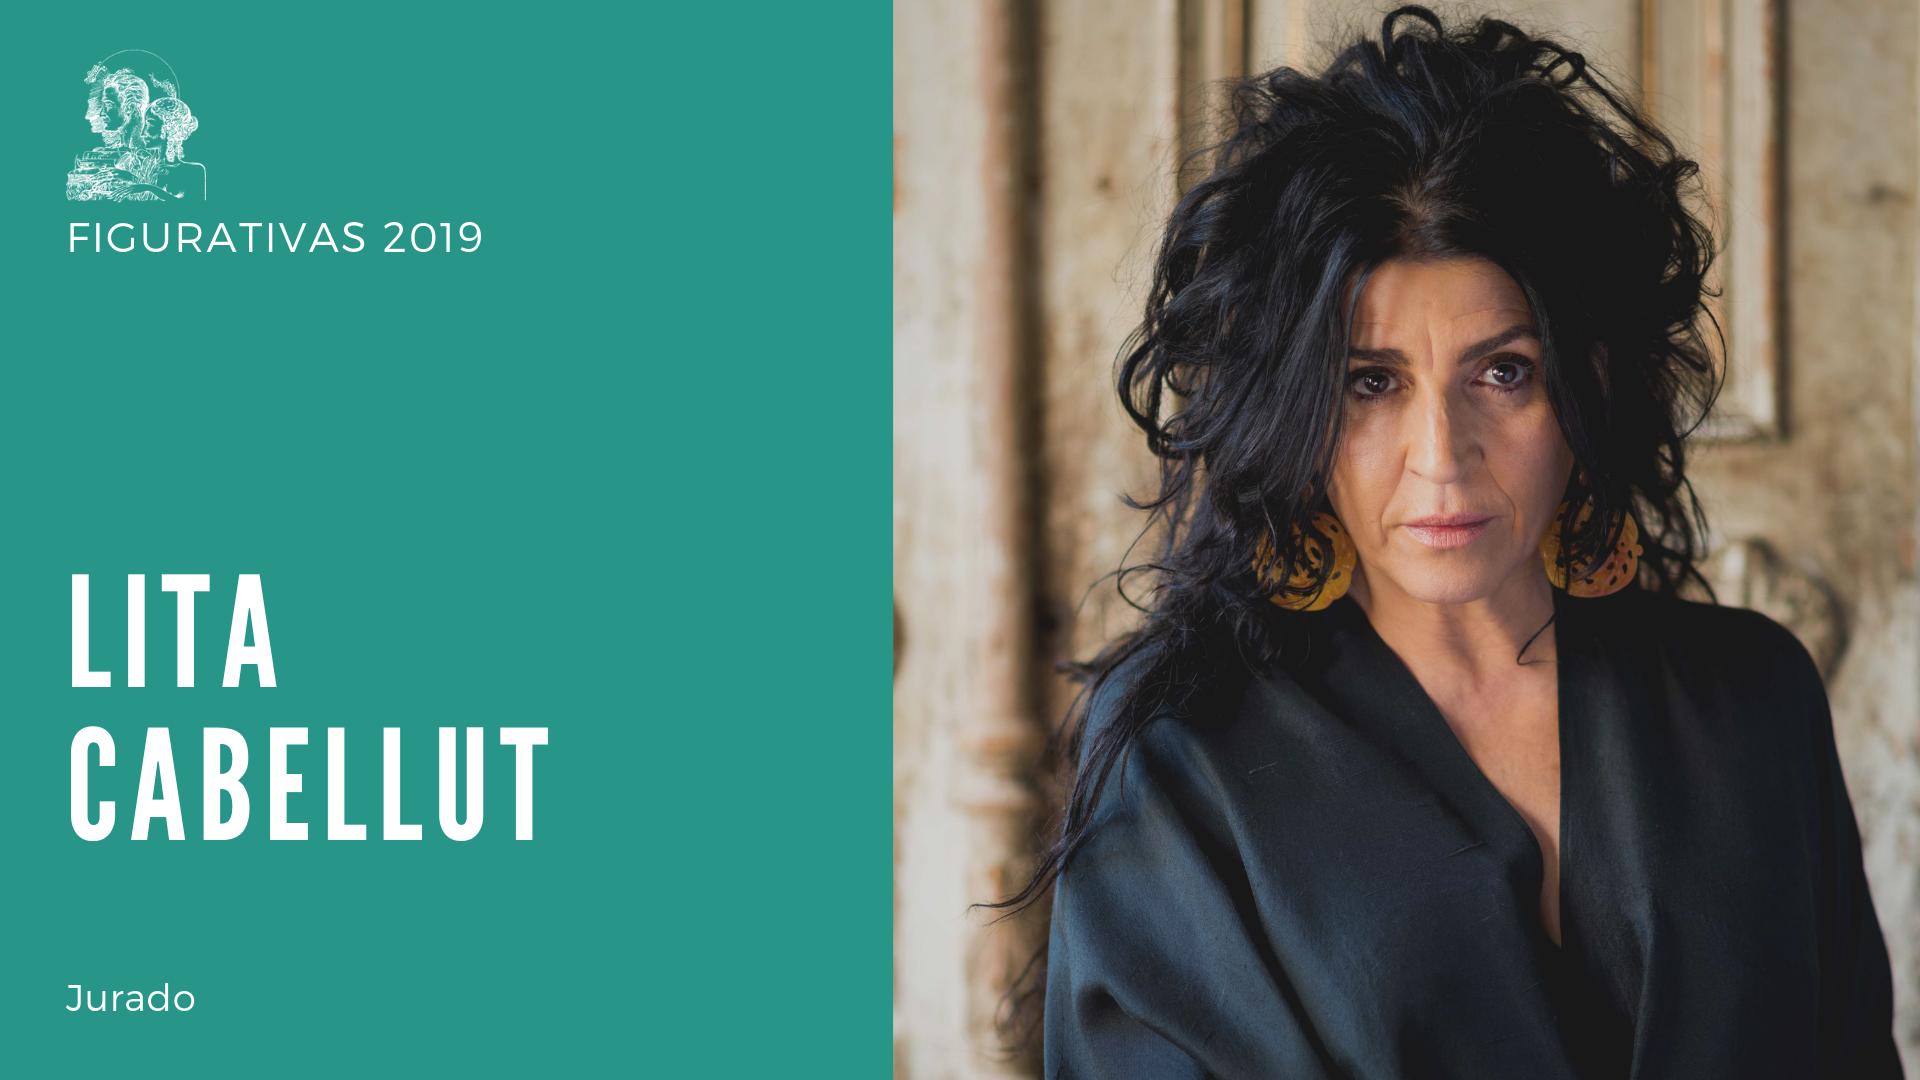 Lita Cabellut, member of the jury of Figurativas 2019